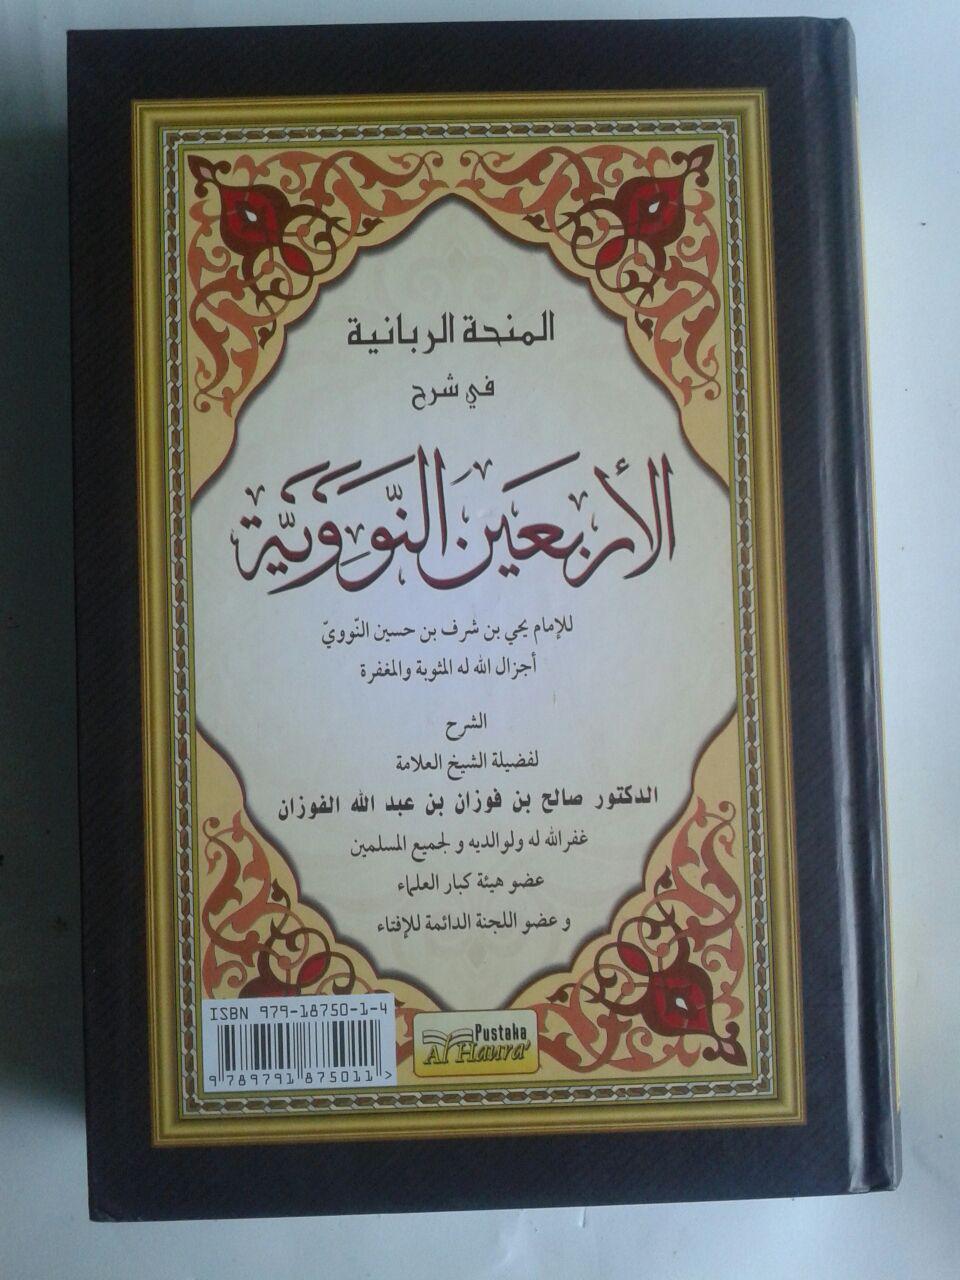 Buku Syarah Arbain An-Nawawiyah Mendulang Faedah Ilmiyah cover